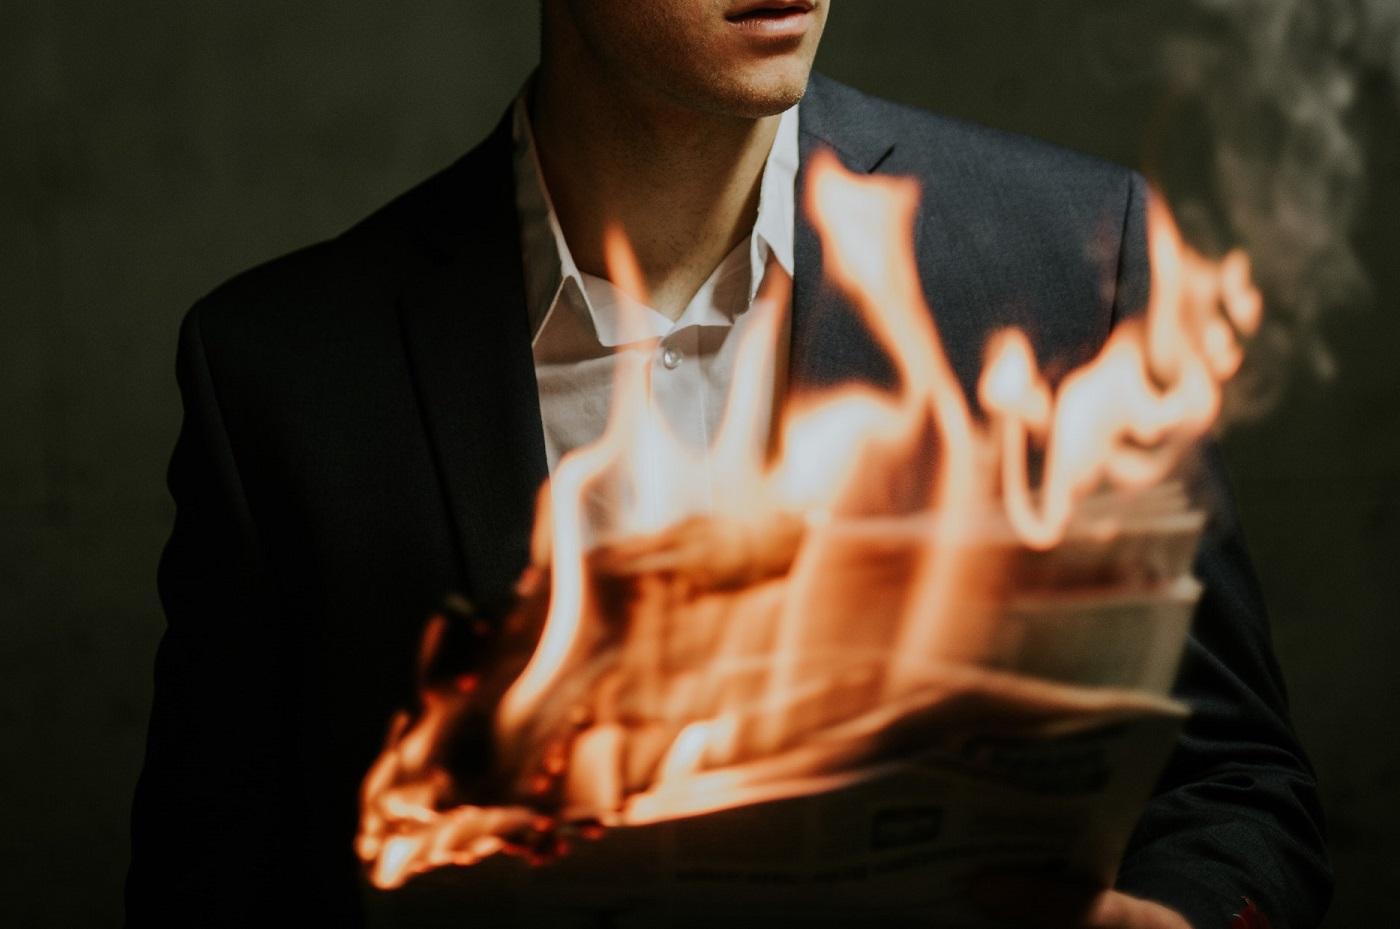 Un uomo guarda un giornale che va a fuoco: il mestiere di giornalista a rischio